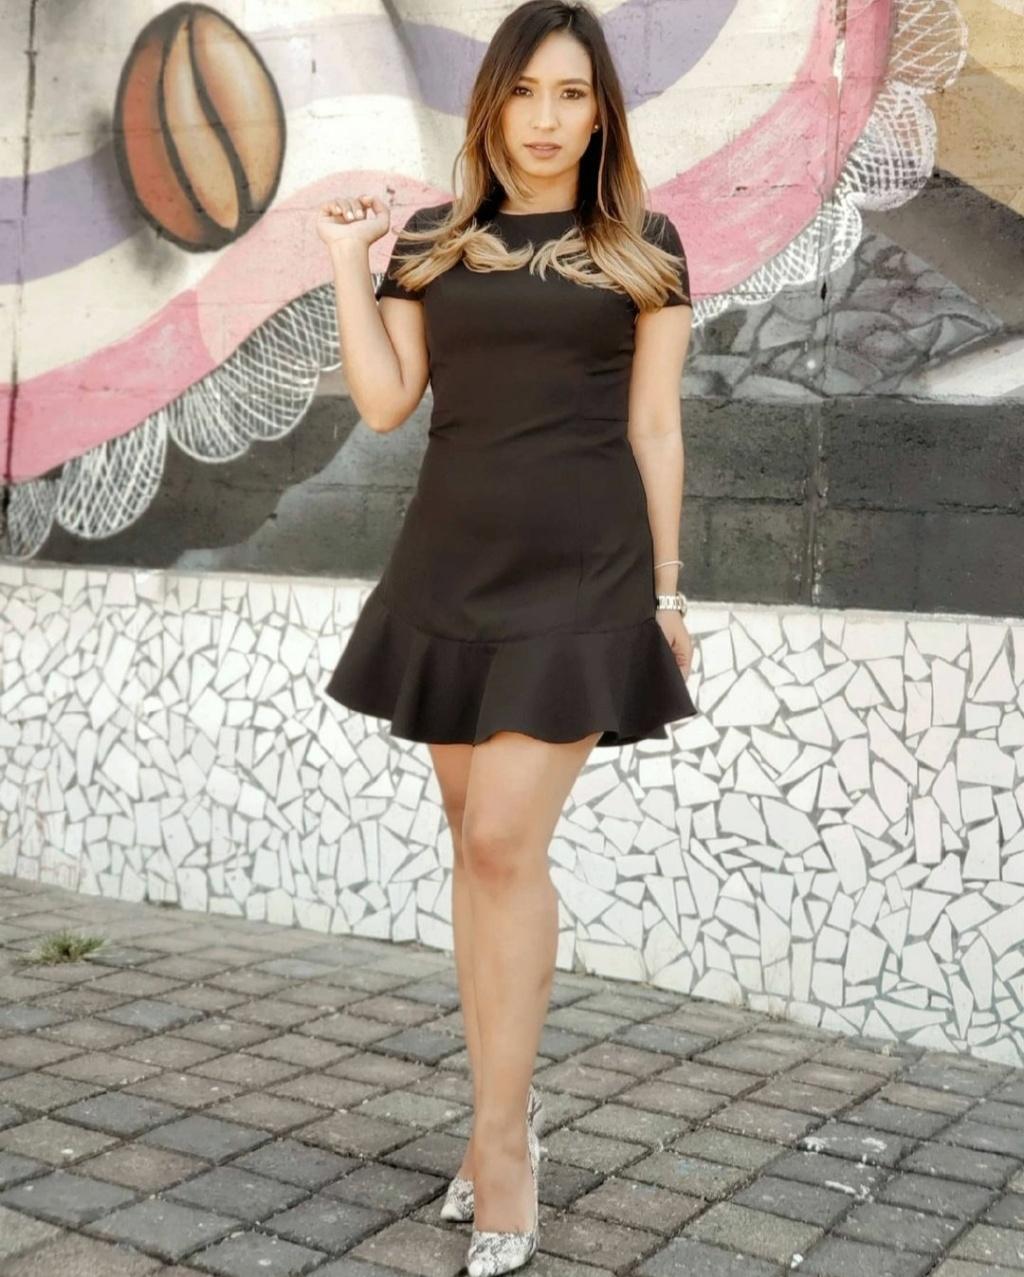 DEBATE sobre belleza, guapura y hermosura (fotos de chicas latinas, mestizas, y de todo) - VOL II - Página 9 Img_1339